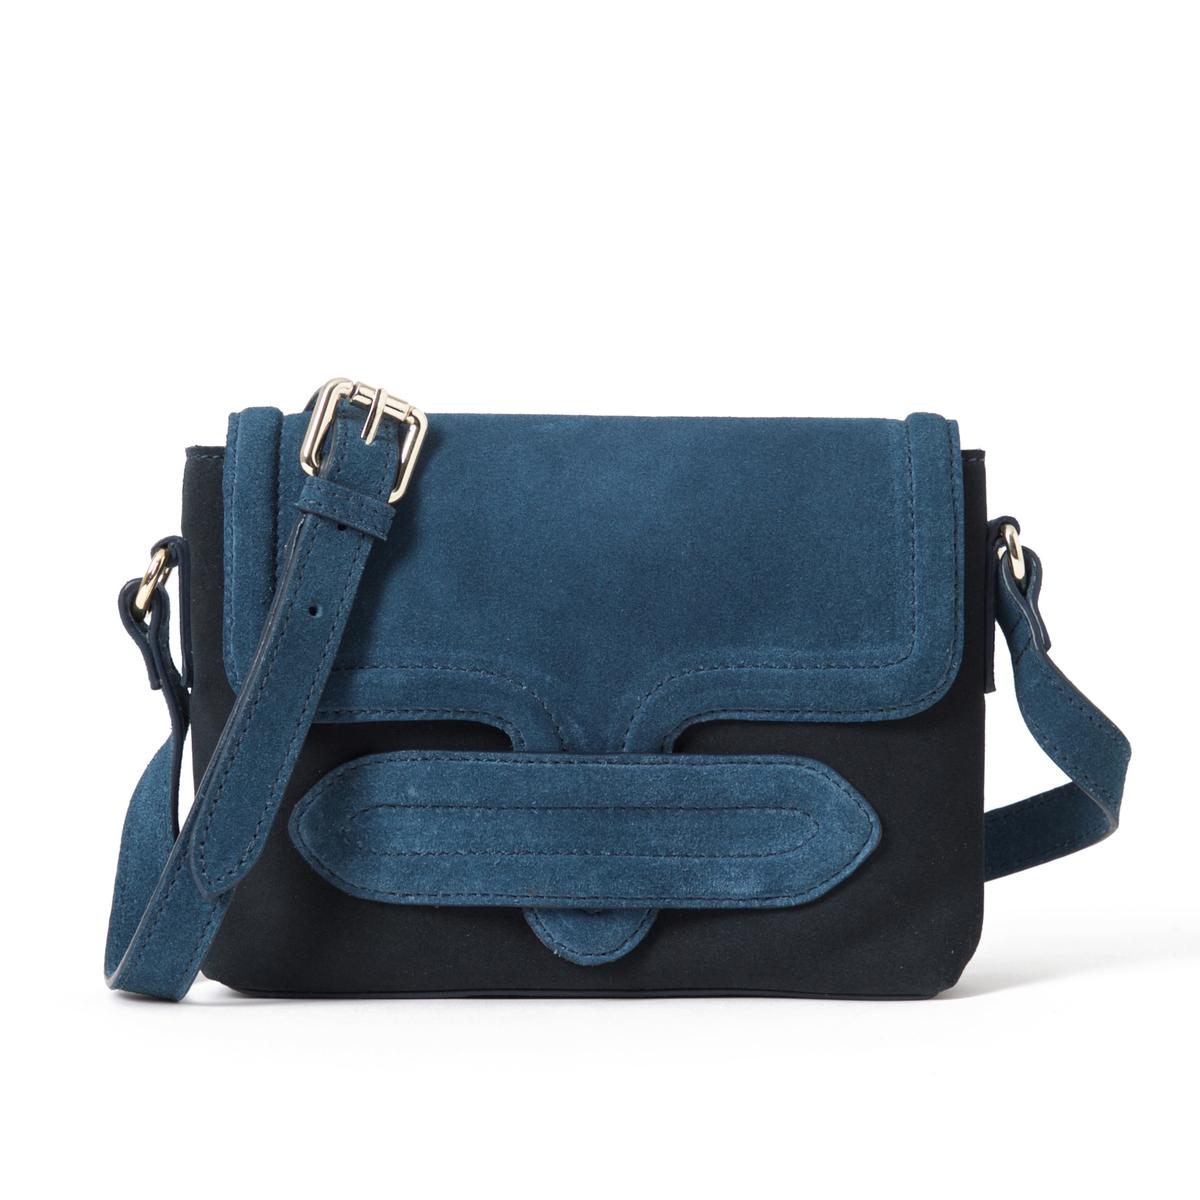 Клатч из невыделанной кожи, двухцветныйОписание:Очаровательная сумка-клатч из мягкой невыделанной кожи, стильный и оригинальный дизайн.Состав и описание : Материал : верх из невыделанной яловичной кожи             подкладка из текстиляРазмеры : L22XH17XP4 см Застежка : кнопка на магните 1 карман на молнииНесъемный регулируемый ремешок<br><br>Цвет: темно-синий/ синий,черный/ хаки<br>Размер: единый размер